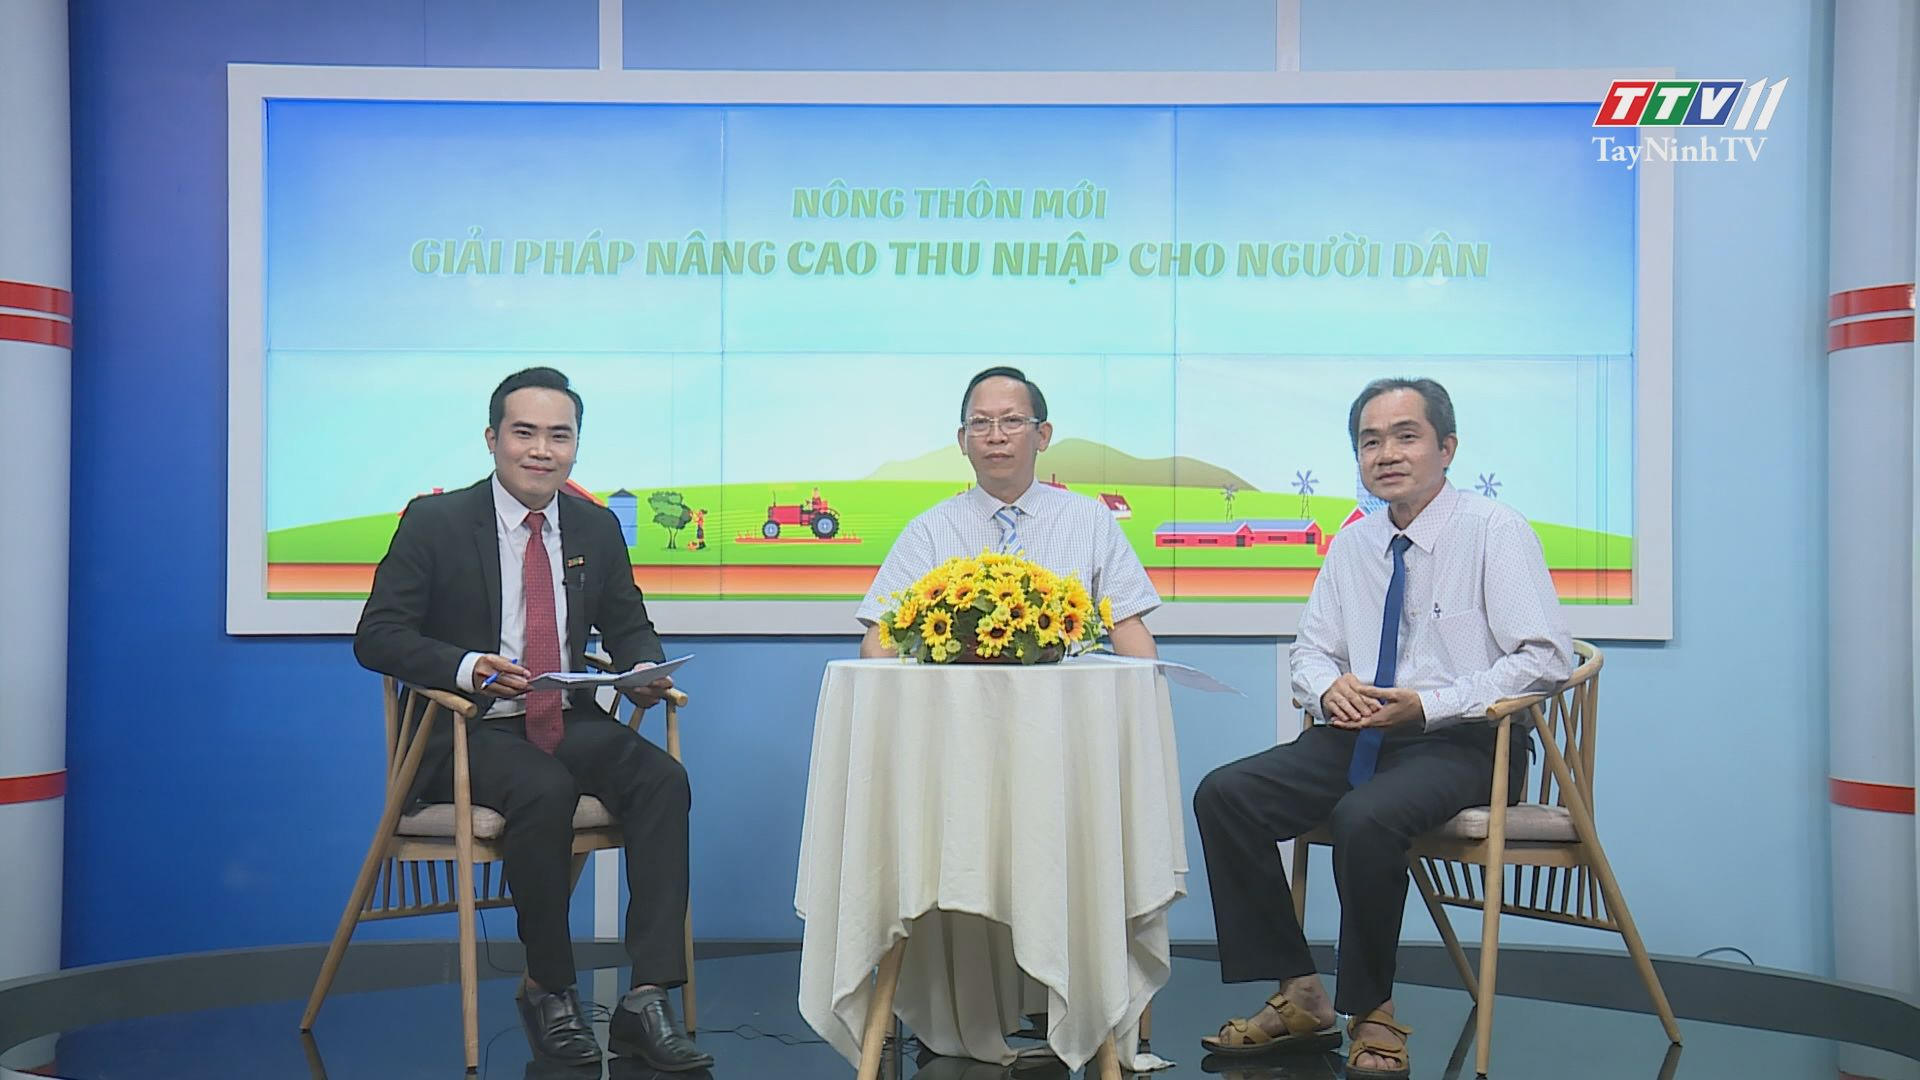 Giải pháp nâng cao thu nhập cho người dân   TÂY NINH XÂY DỰNG NÔNG THÔN MỚI   TayNinhTV